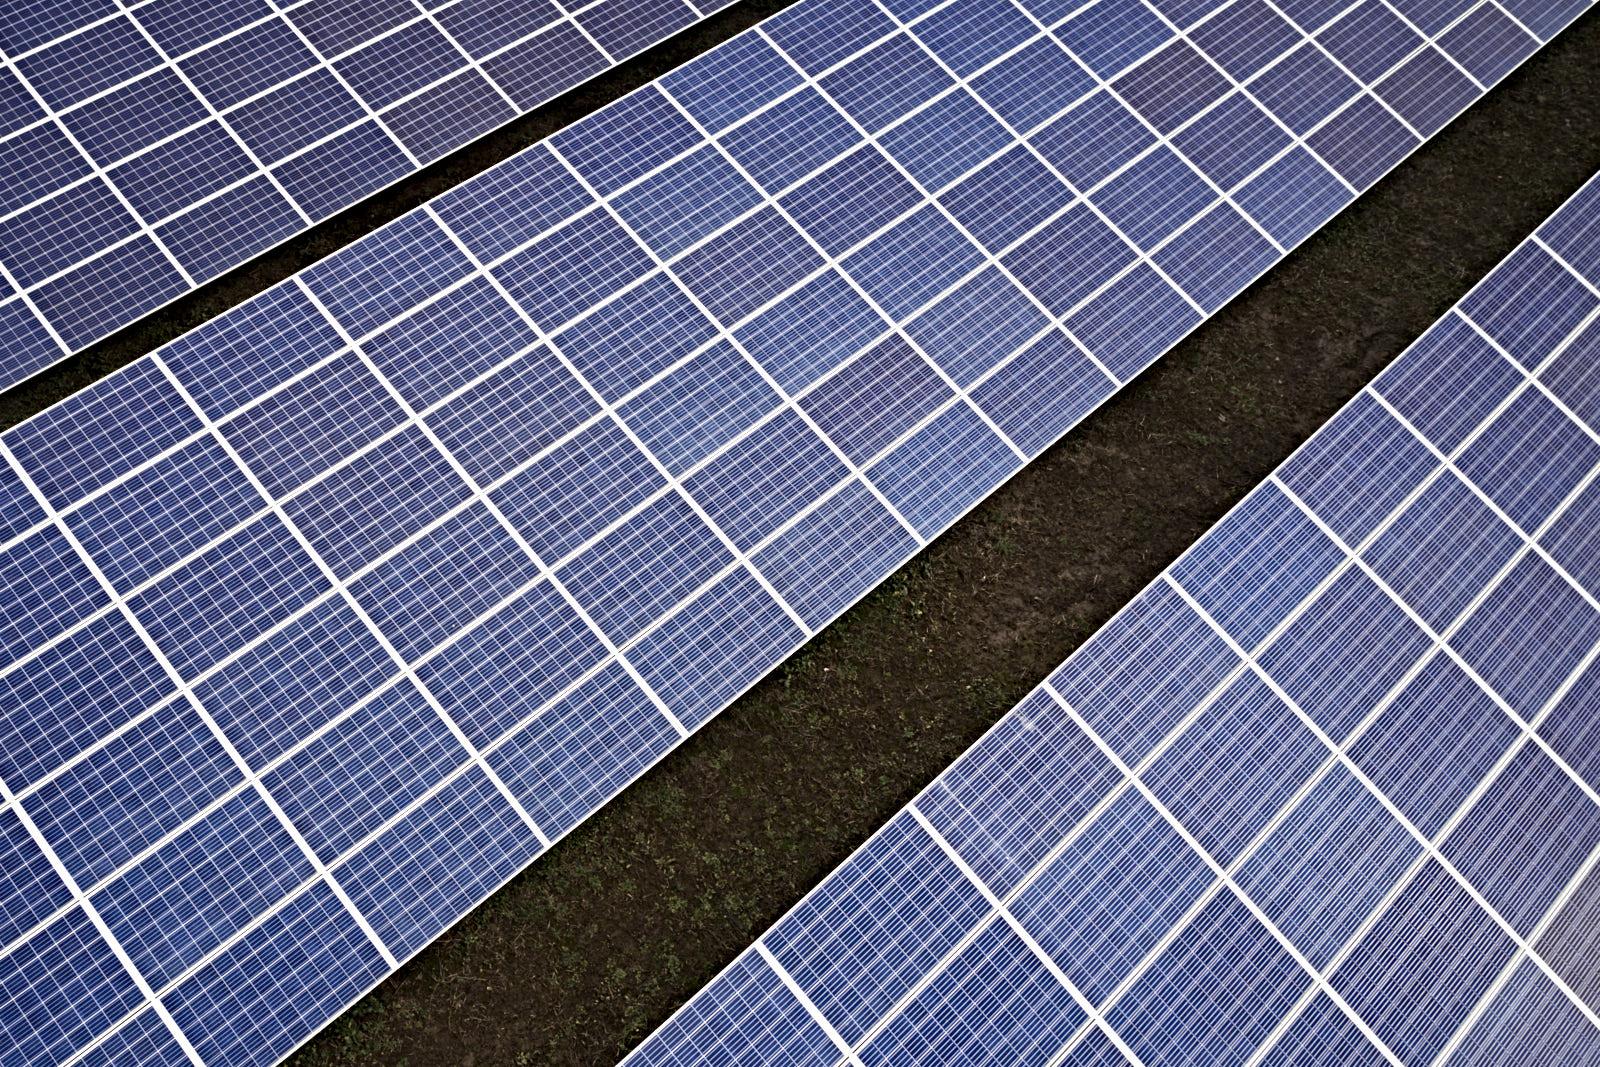 Solarzellen einer Photovoltaikanlage